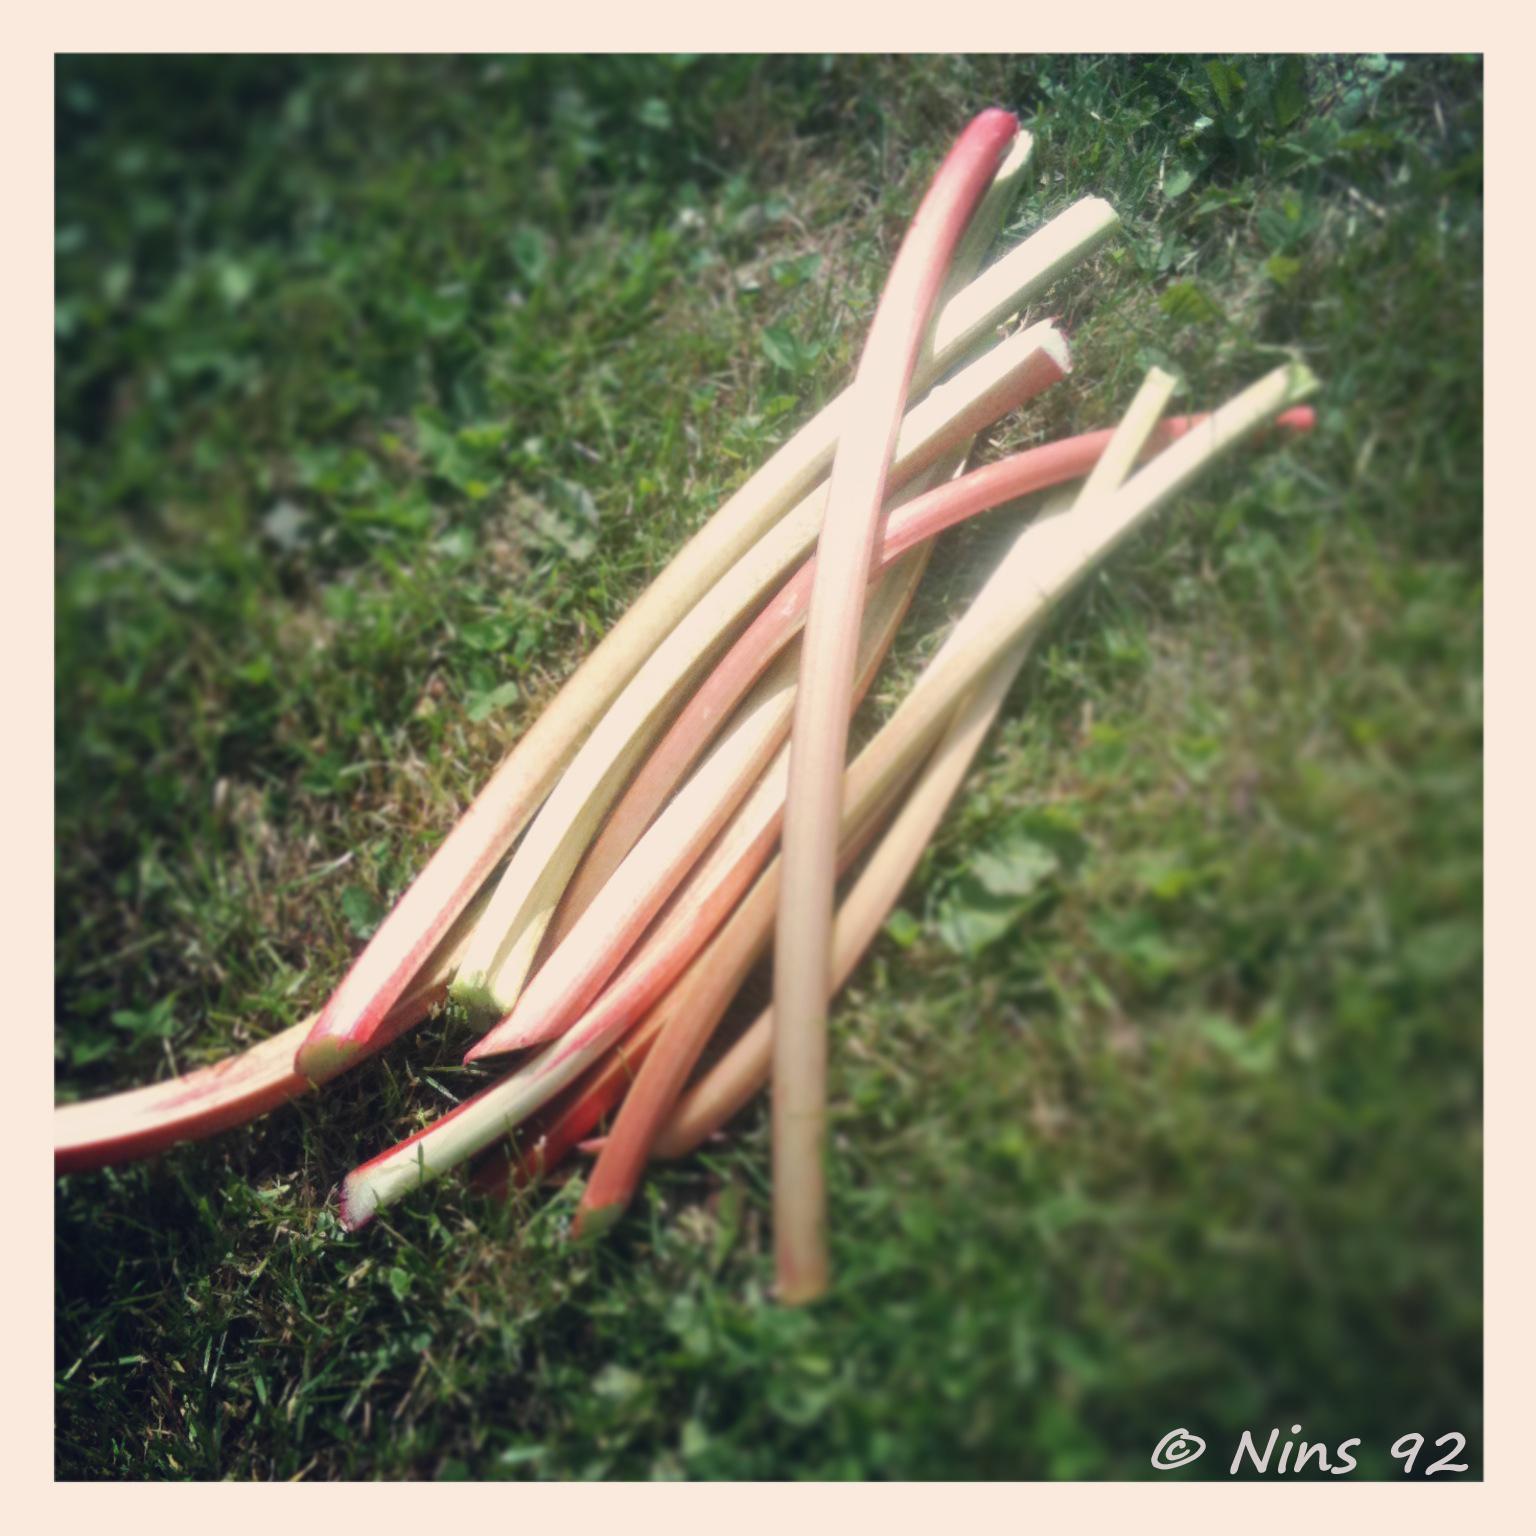 rhubarbe06